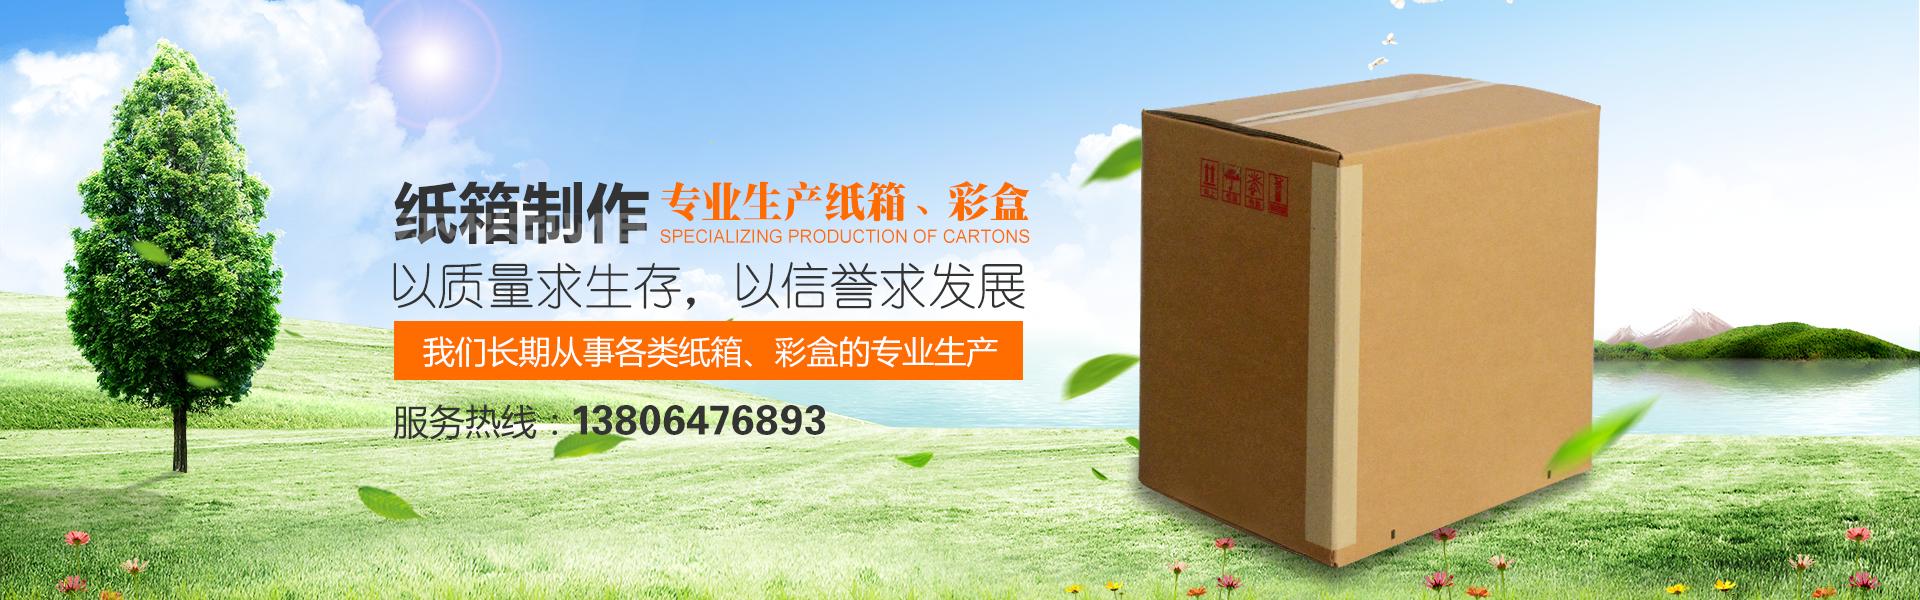 青州市东坝纸箱有限公司